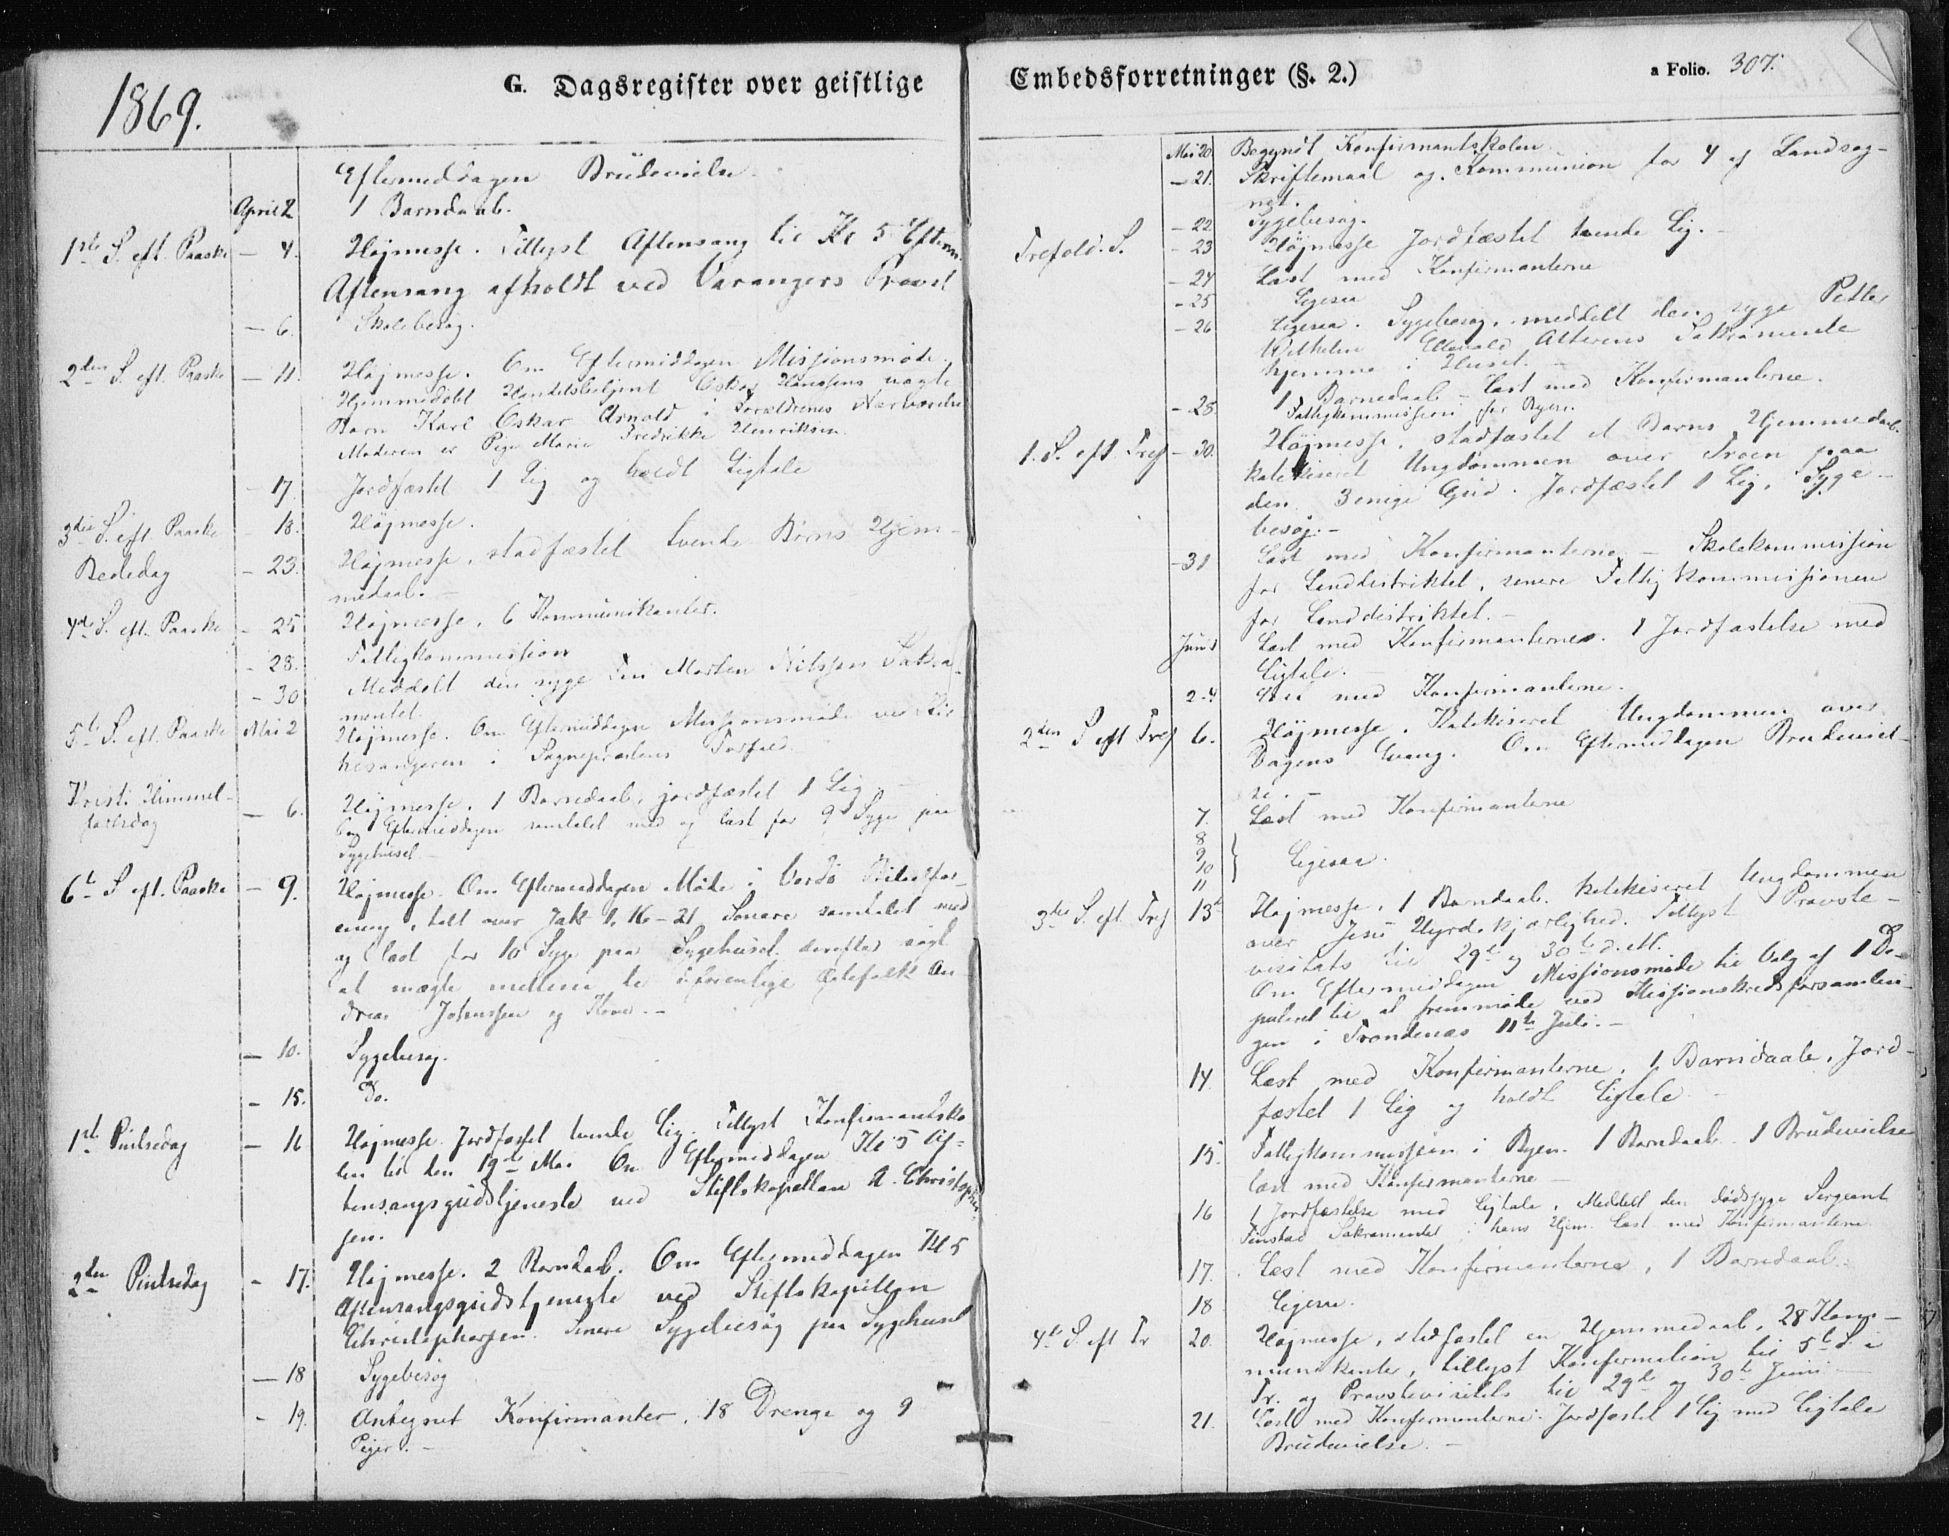 SATØ, Vardø sokneprestkontor, H/Ha/L0004kirke: Ministerialbok nr. 4, 1862-1871, s. 307